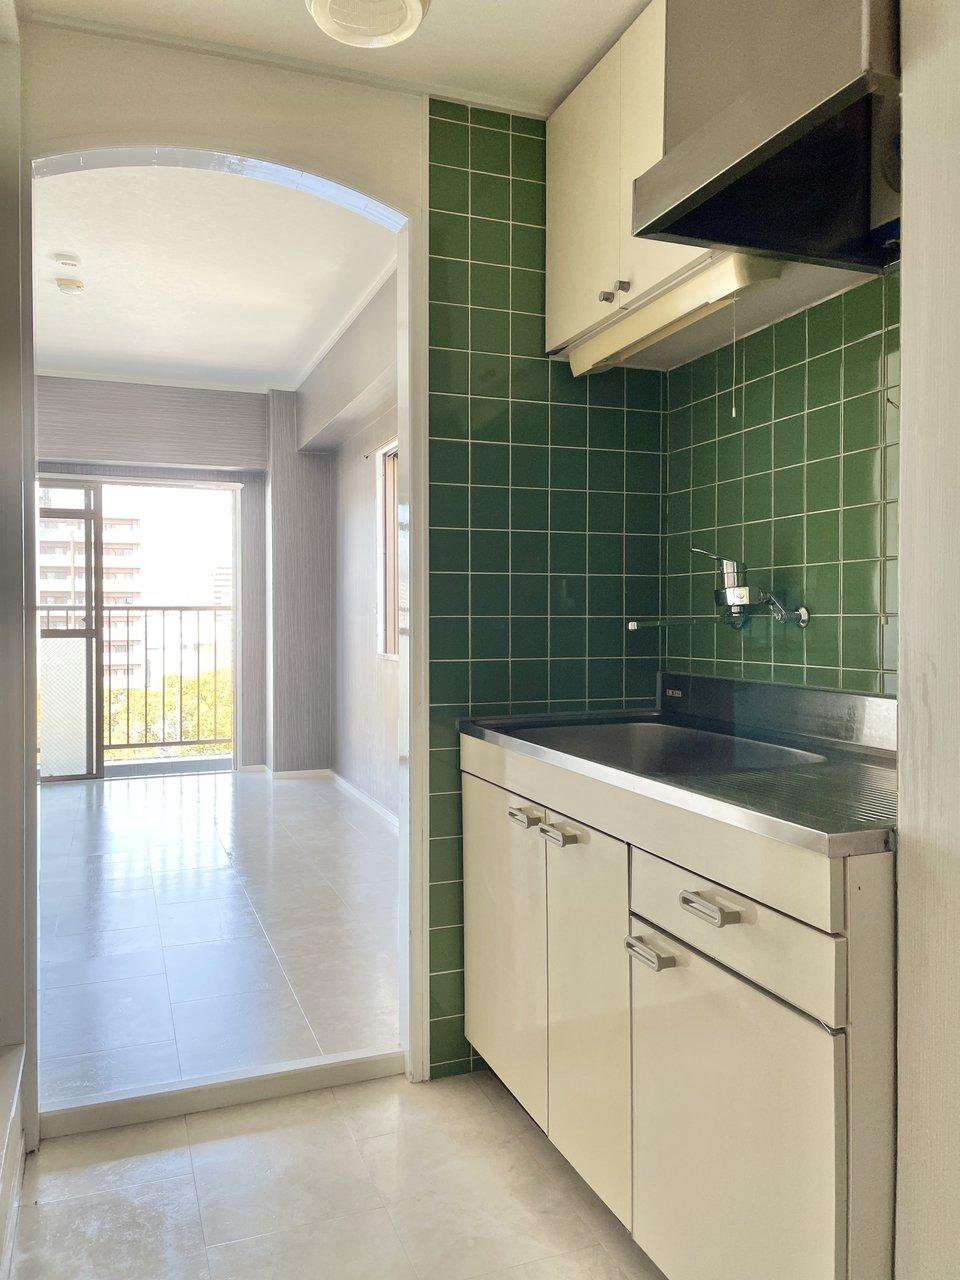 キッチンの緑のタイル、アーチの入り口が可愛い。水回りの設備は小さめなのですが、その分、リーズナブルに住めるお部屋です。